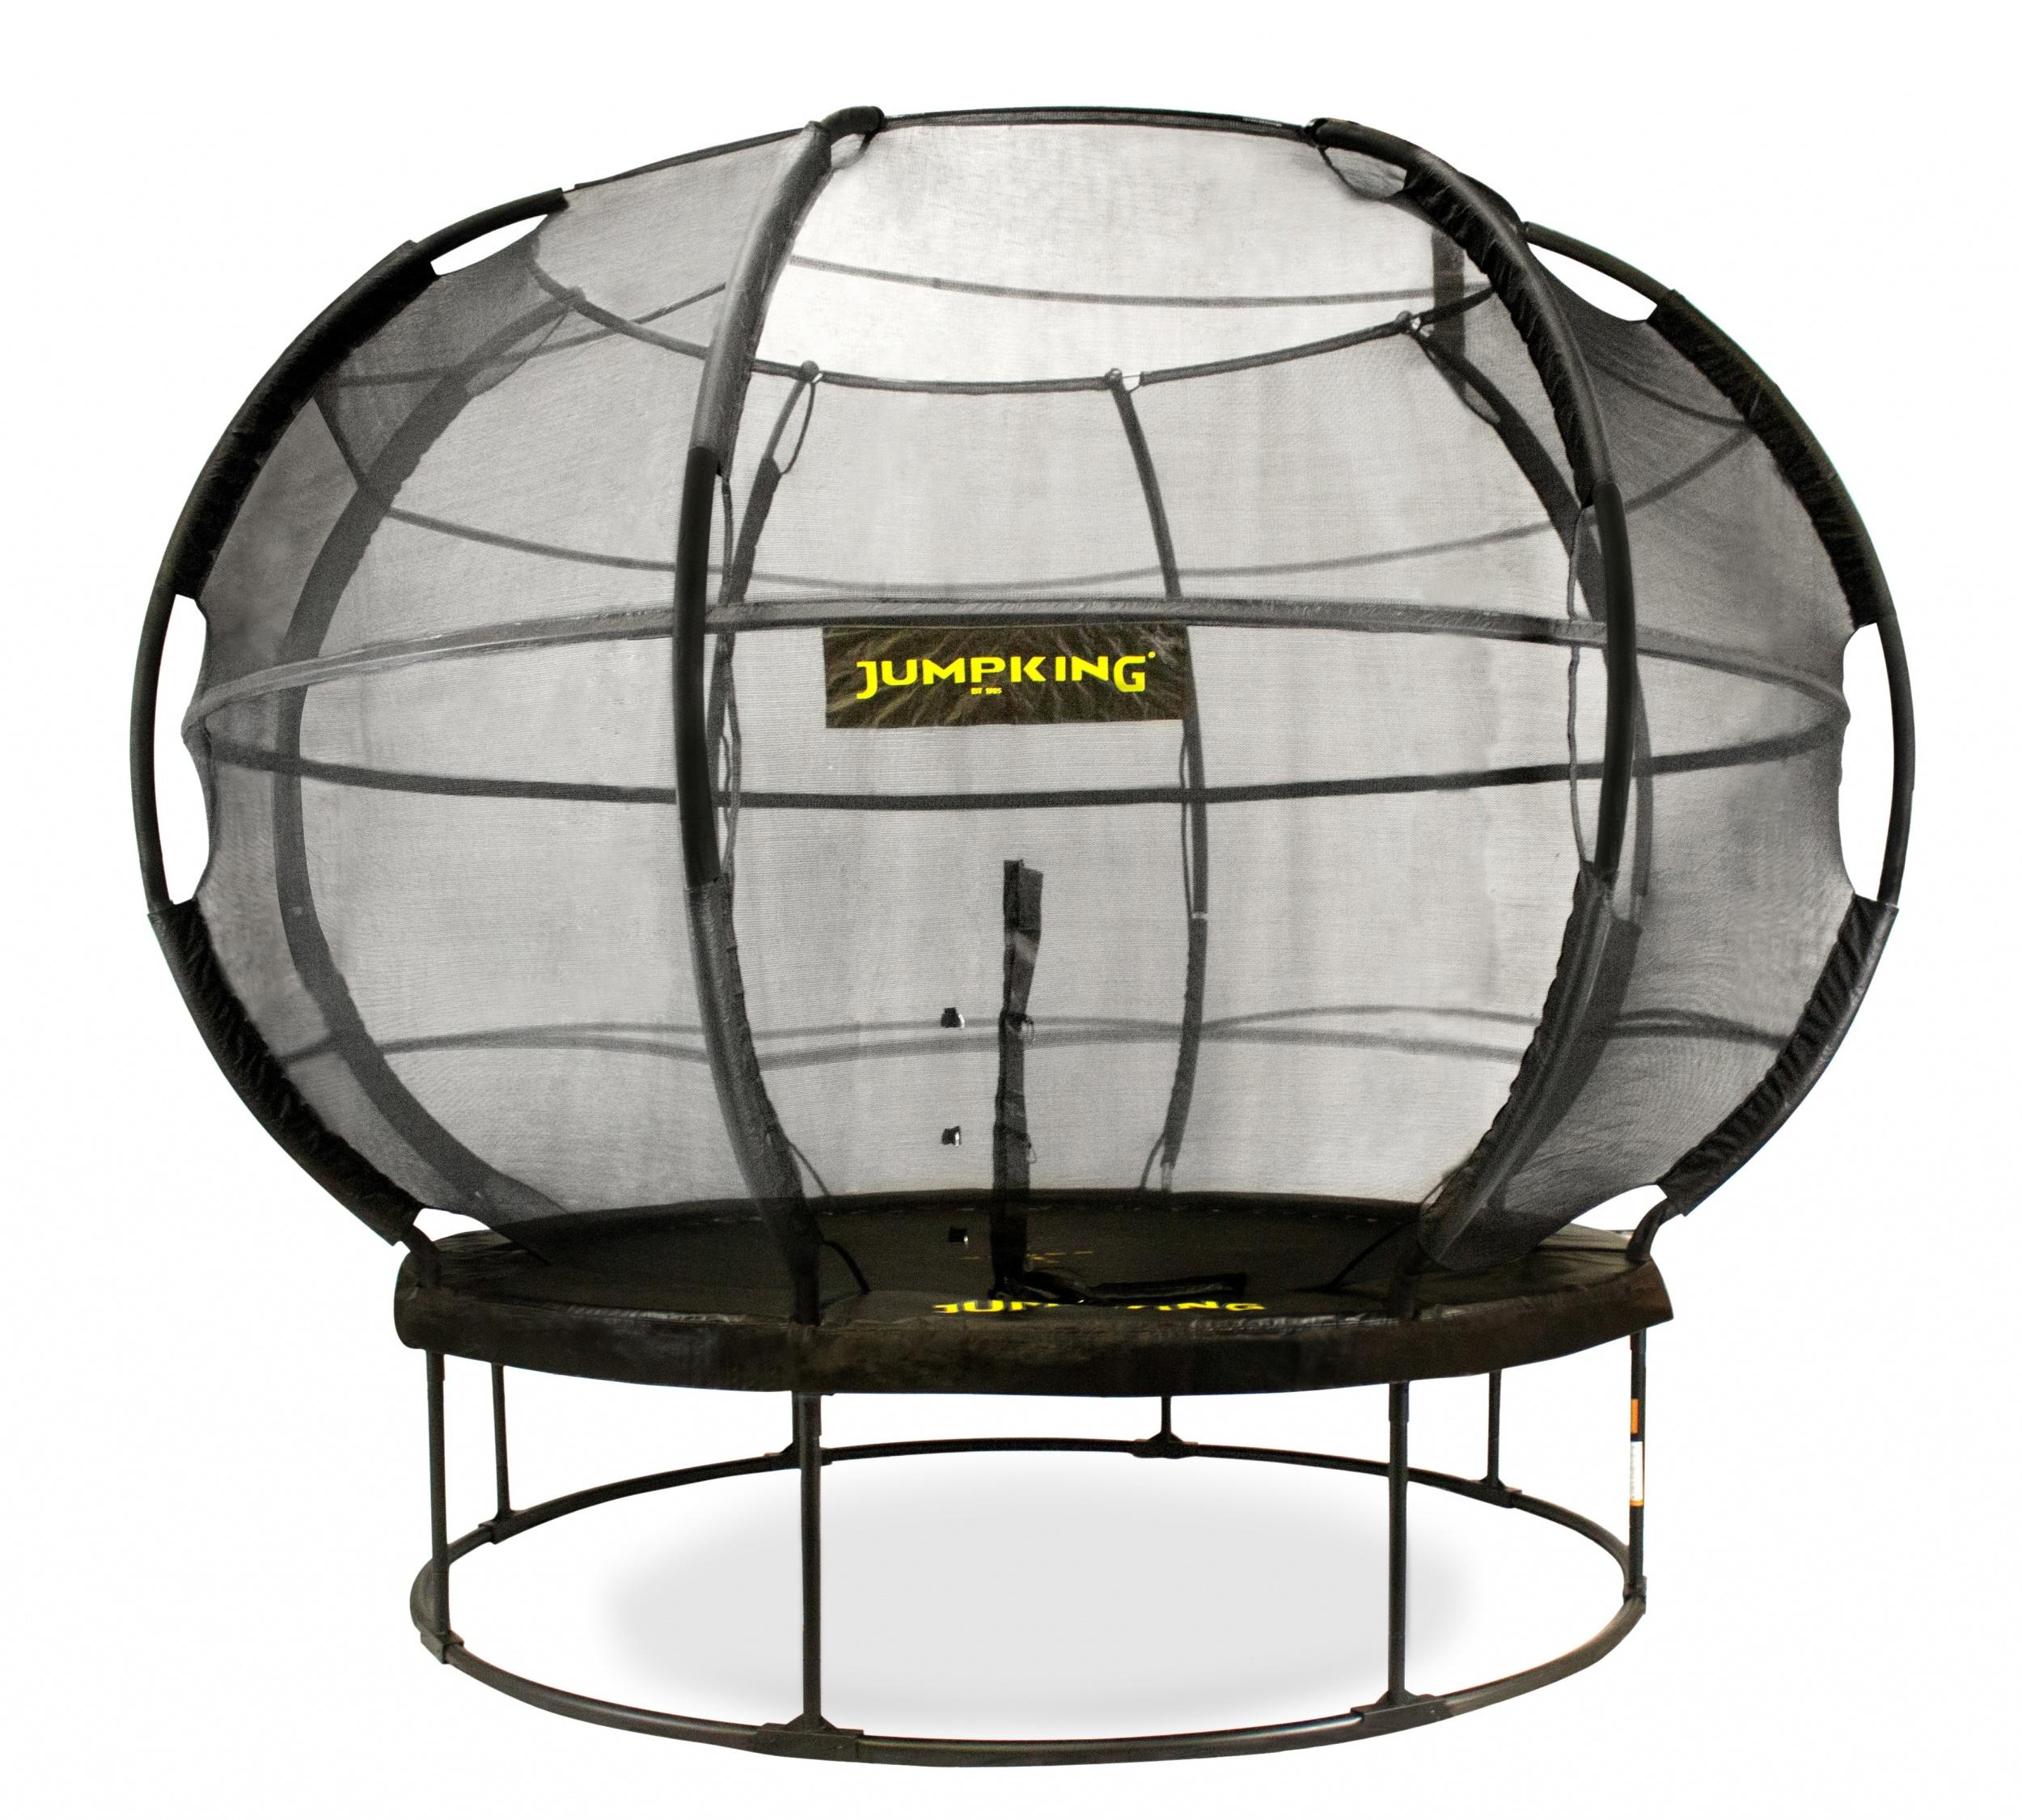 Jumpking trampolin mit Netz und Leiter ZorbPOD 366 cm schwarz